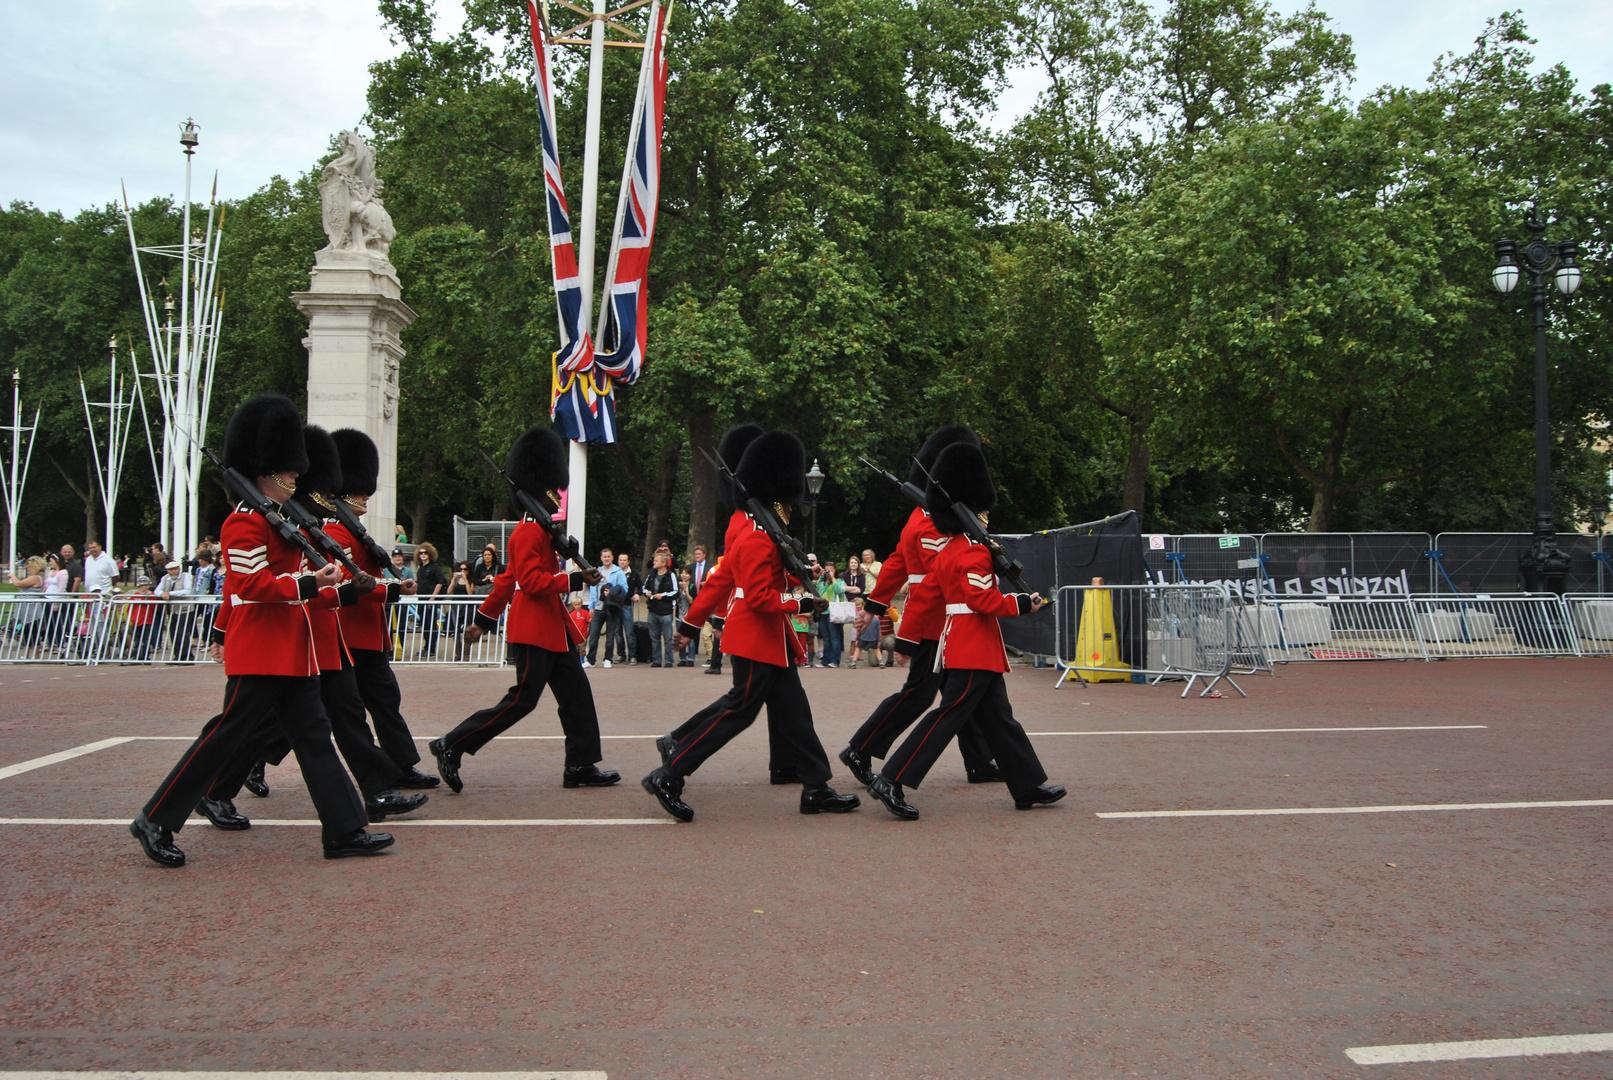 Guardias de la reina, desfilando para el cambio de la guardia en londres